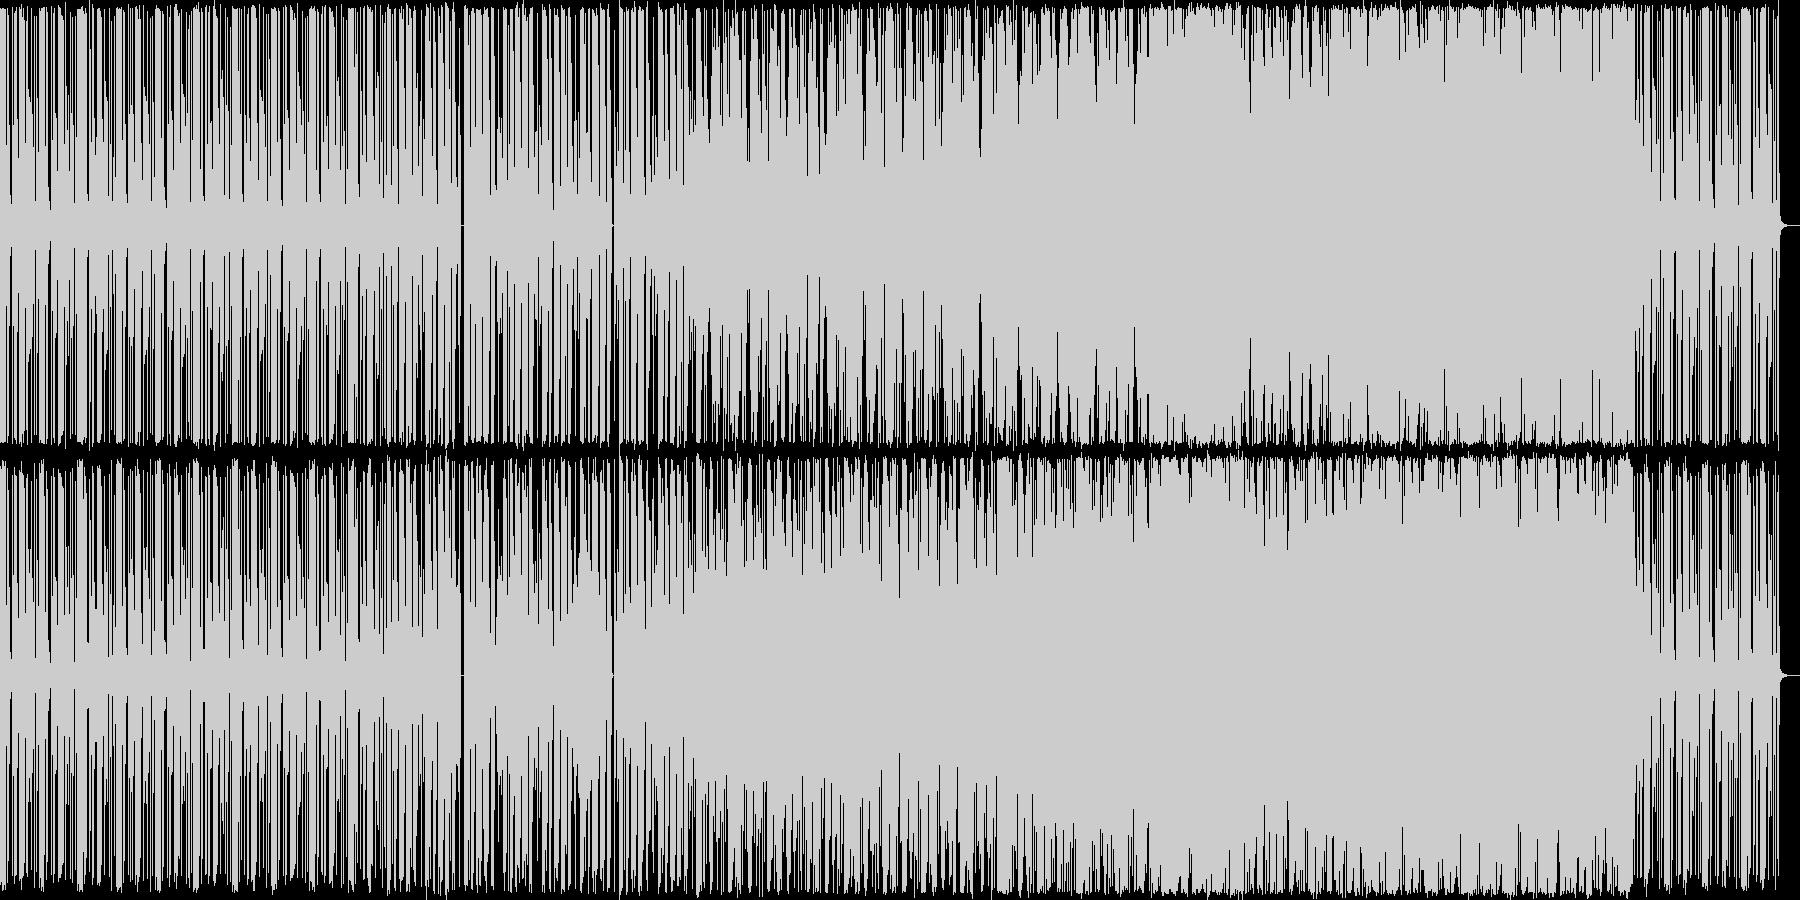 【ドラム抜き】ピアノとドラムを主体としたの未再生の波形